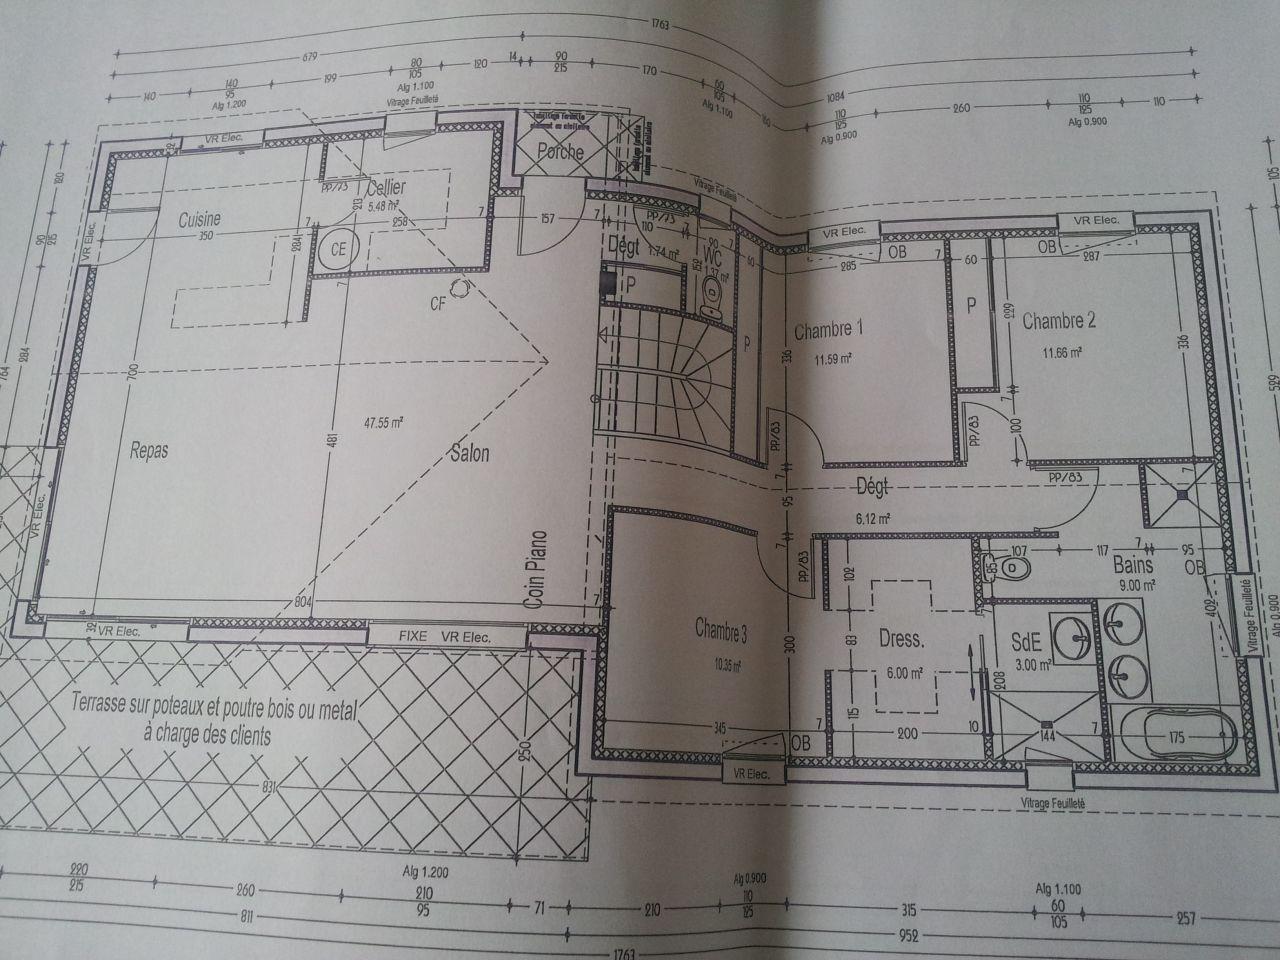 Voici les photos du terrain ainsi que le plan de notre constructeur qui a déjà été revu plusieurs fois je souhaite avoir votre avis notamment sur